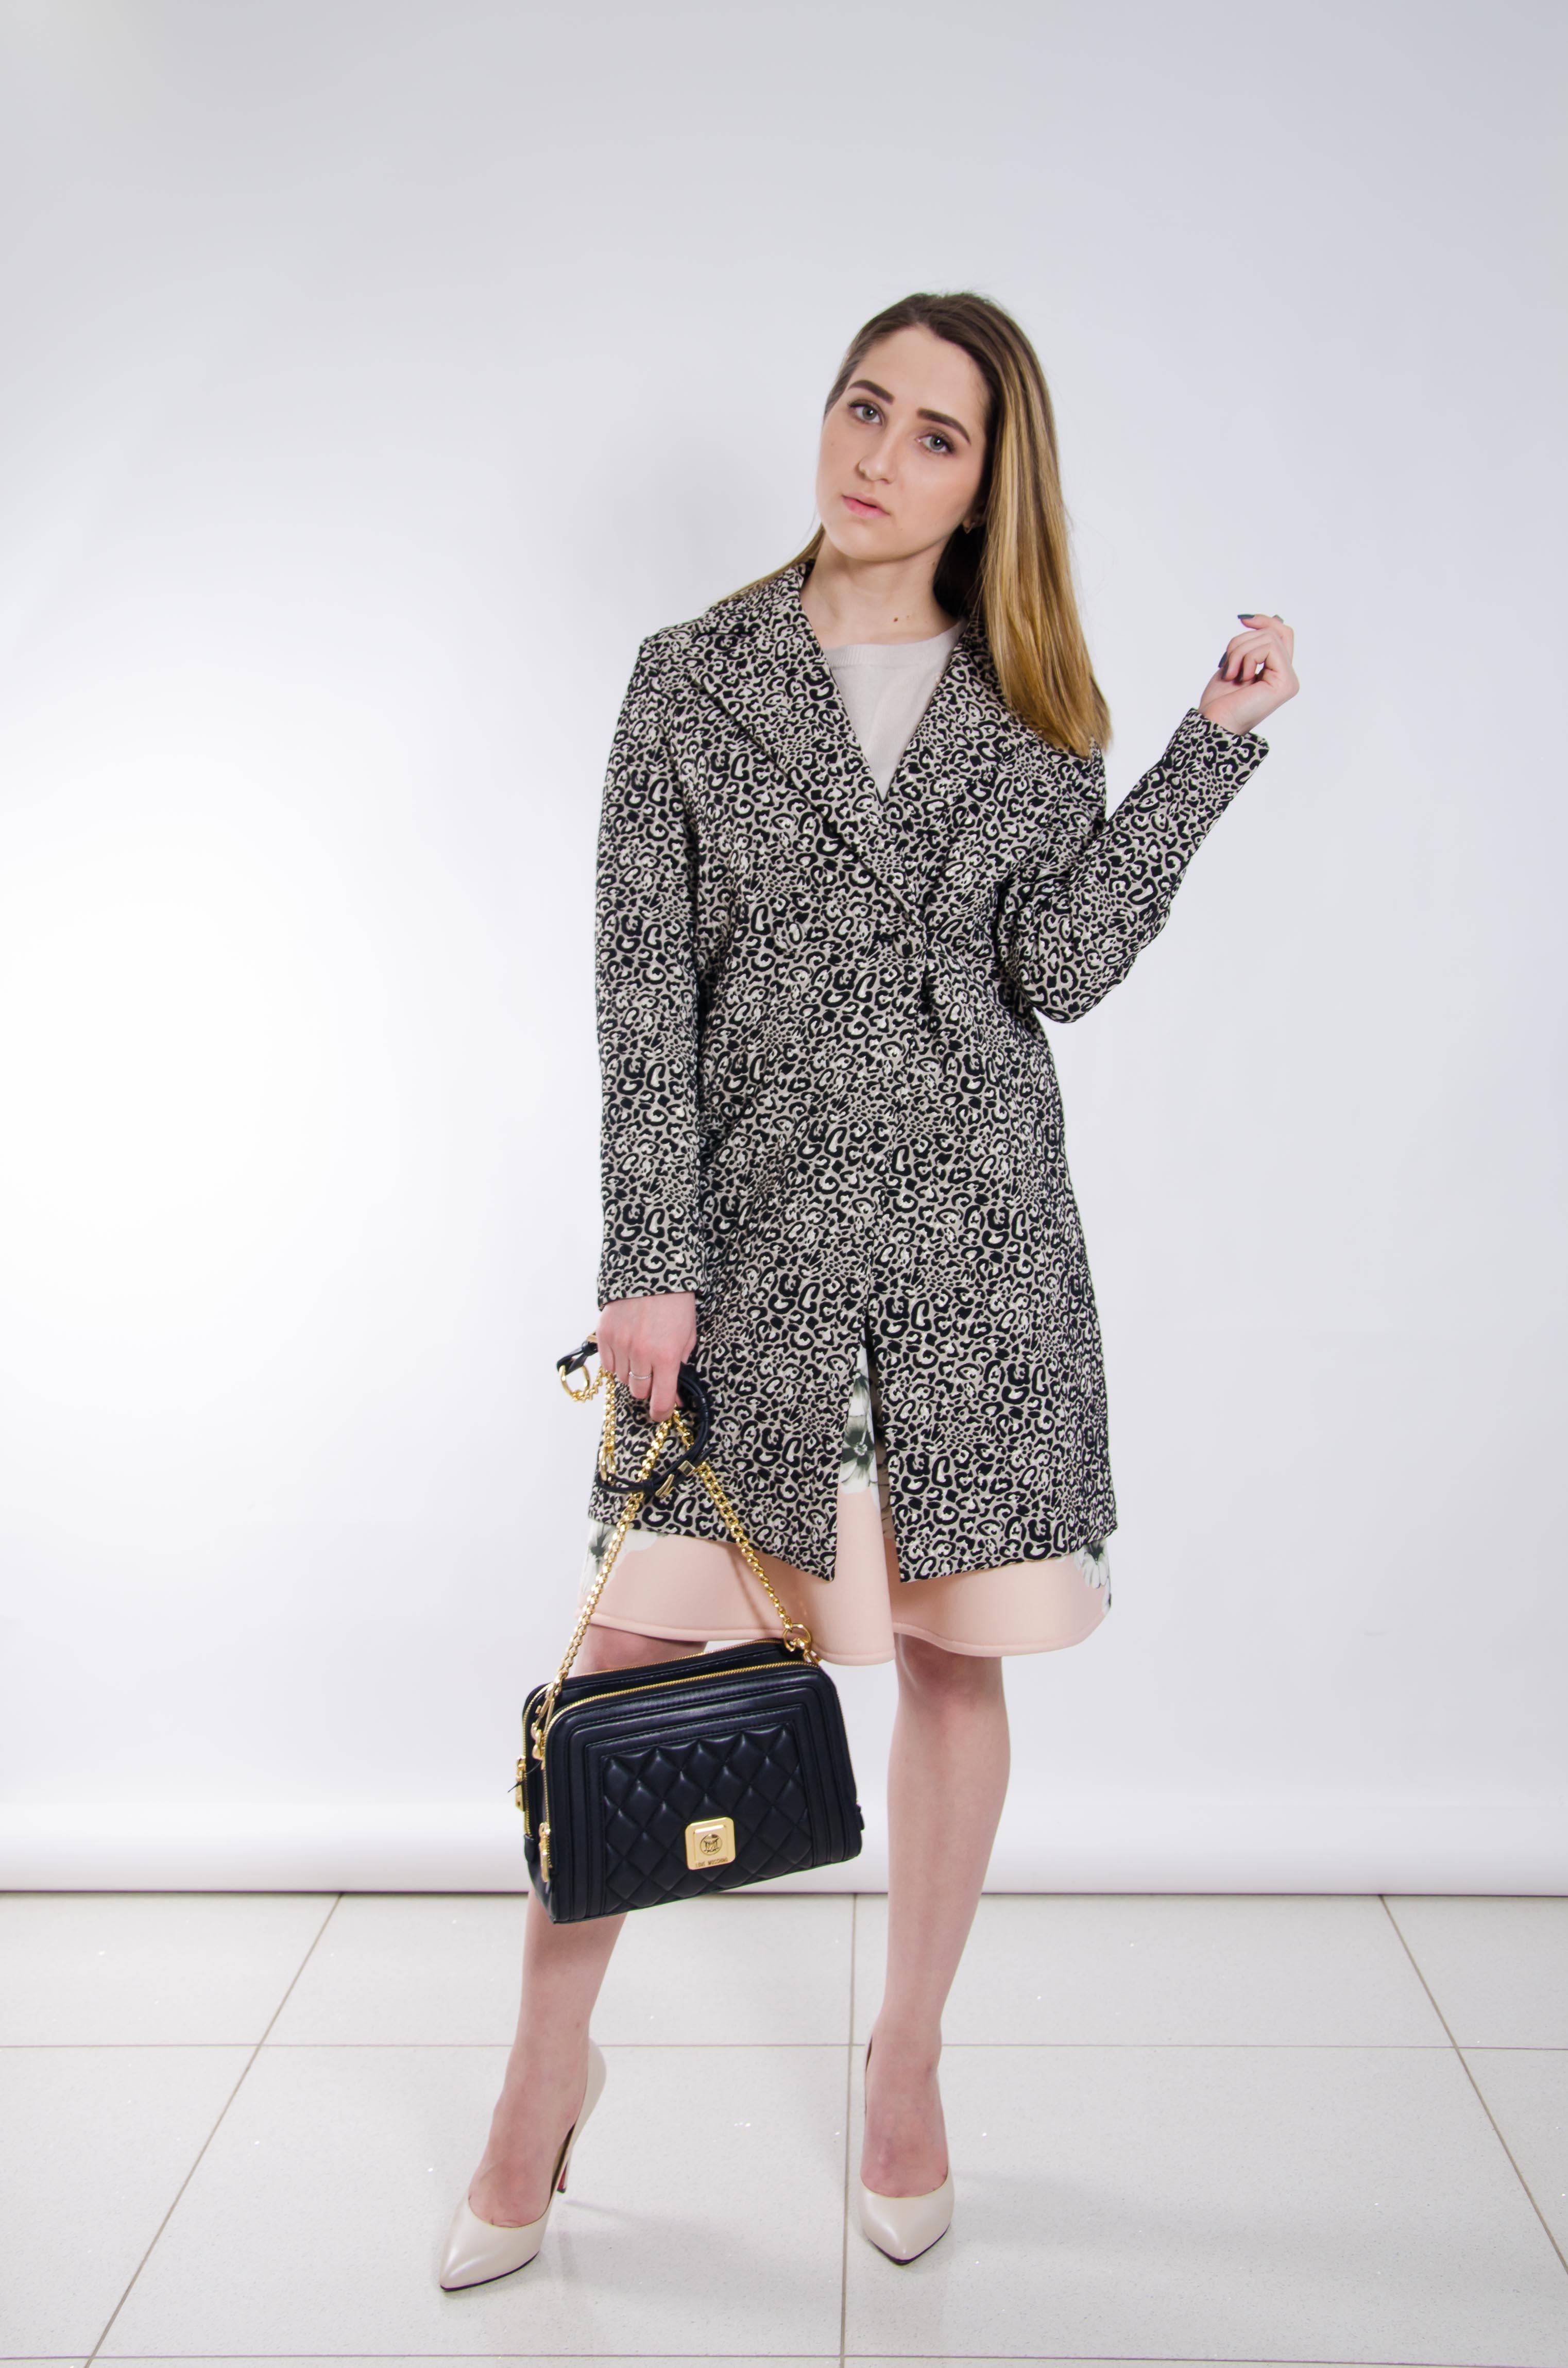 Шоппер стилист в милане девушка модель антинаркотической работы